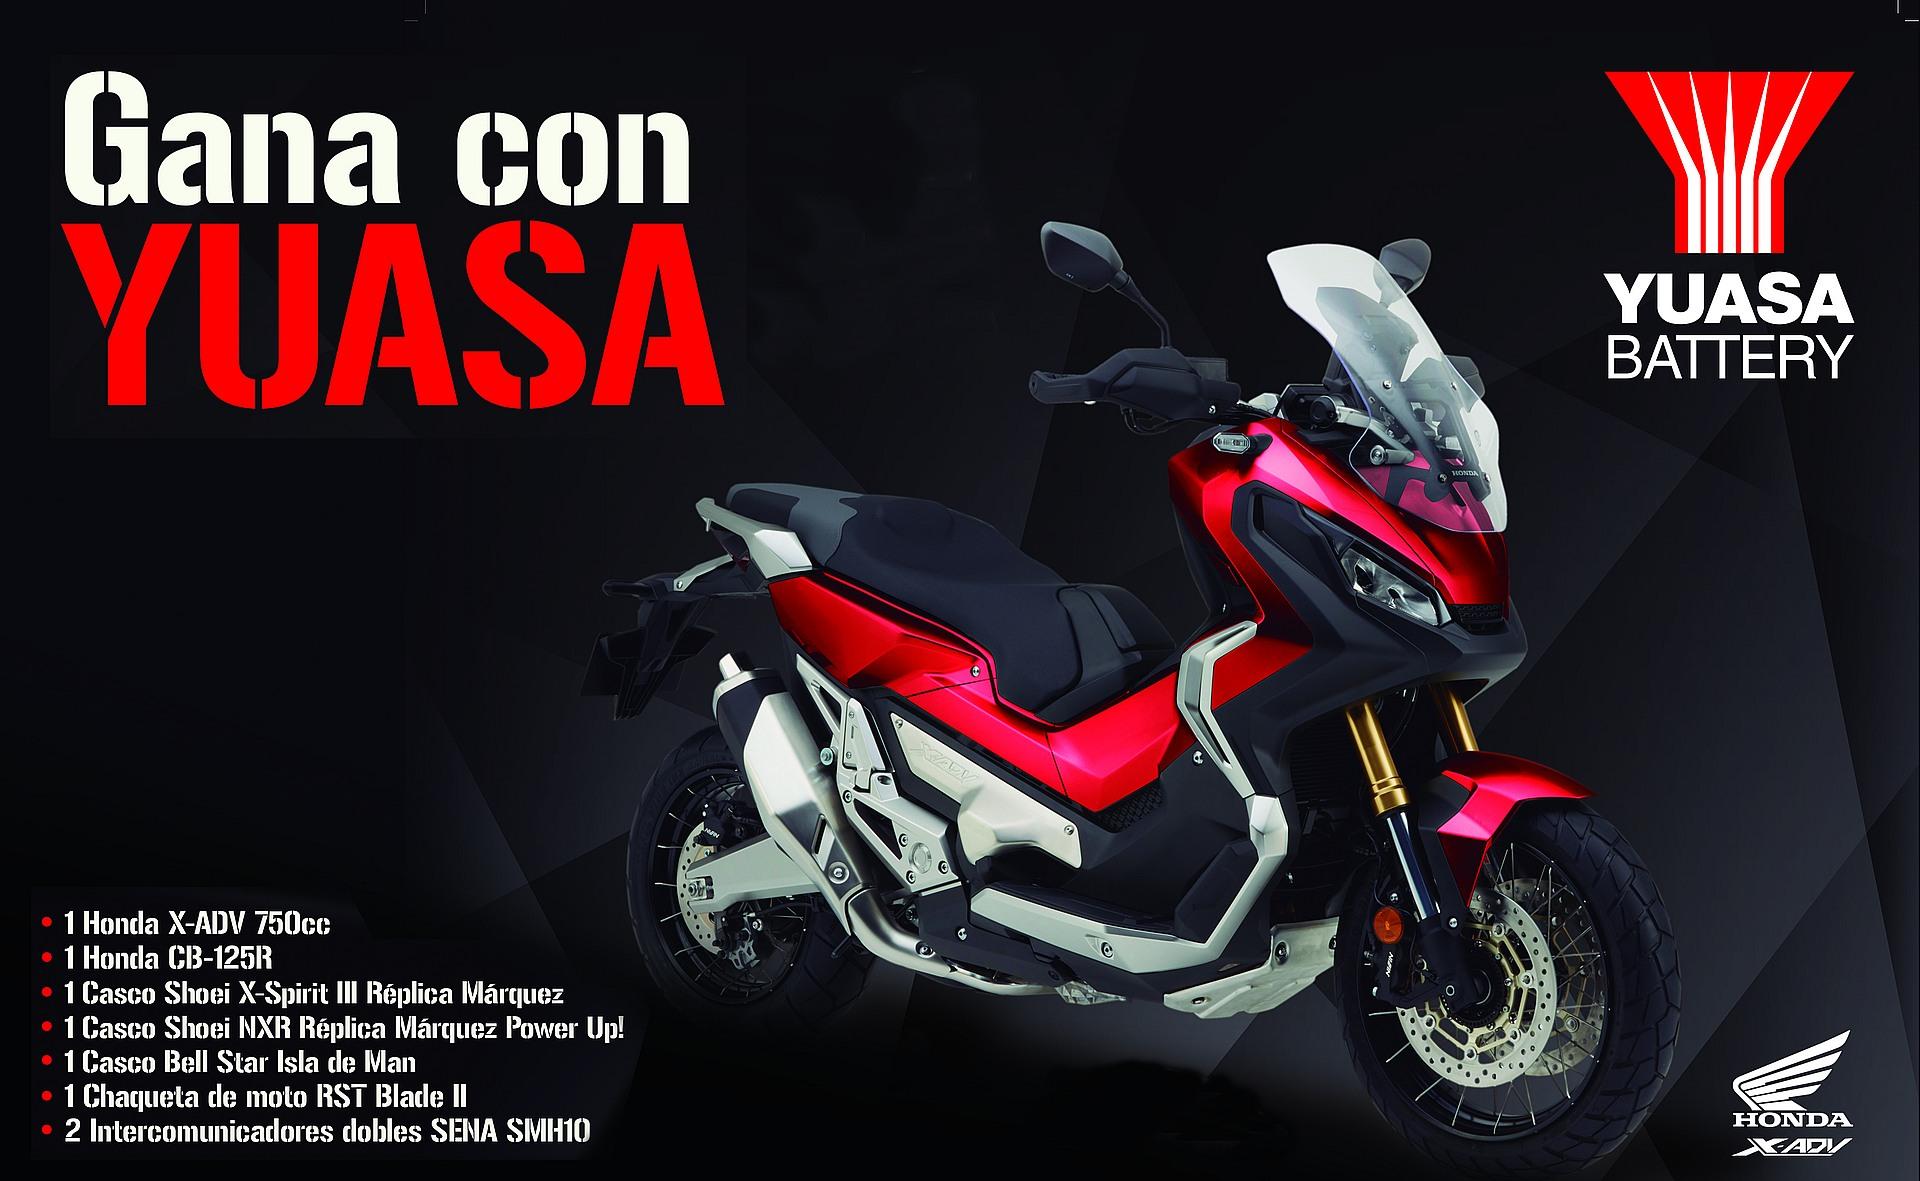 Gana una Honda con las baterías Yuasa